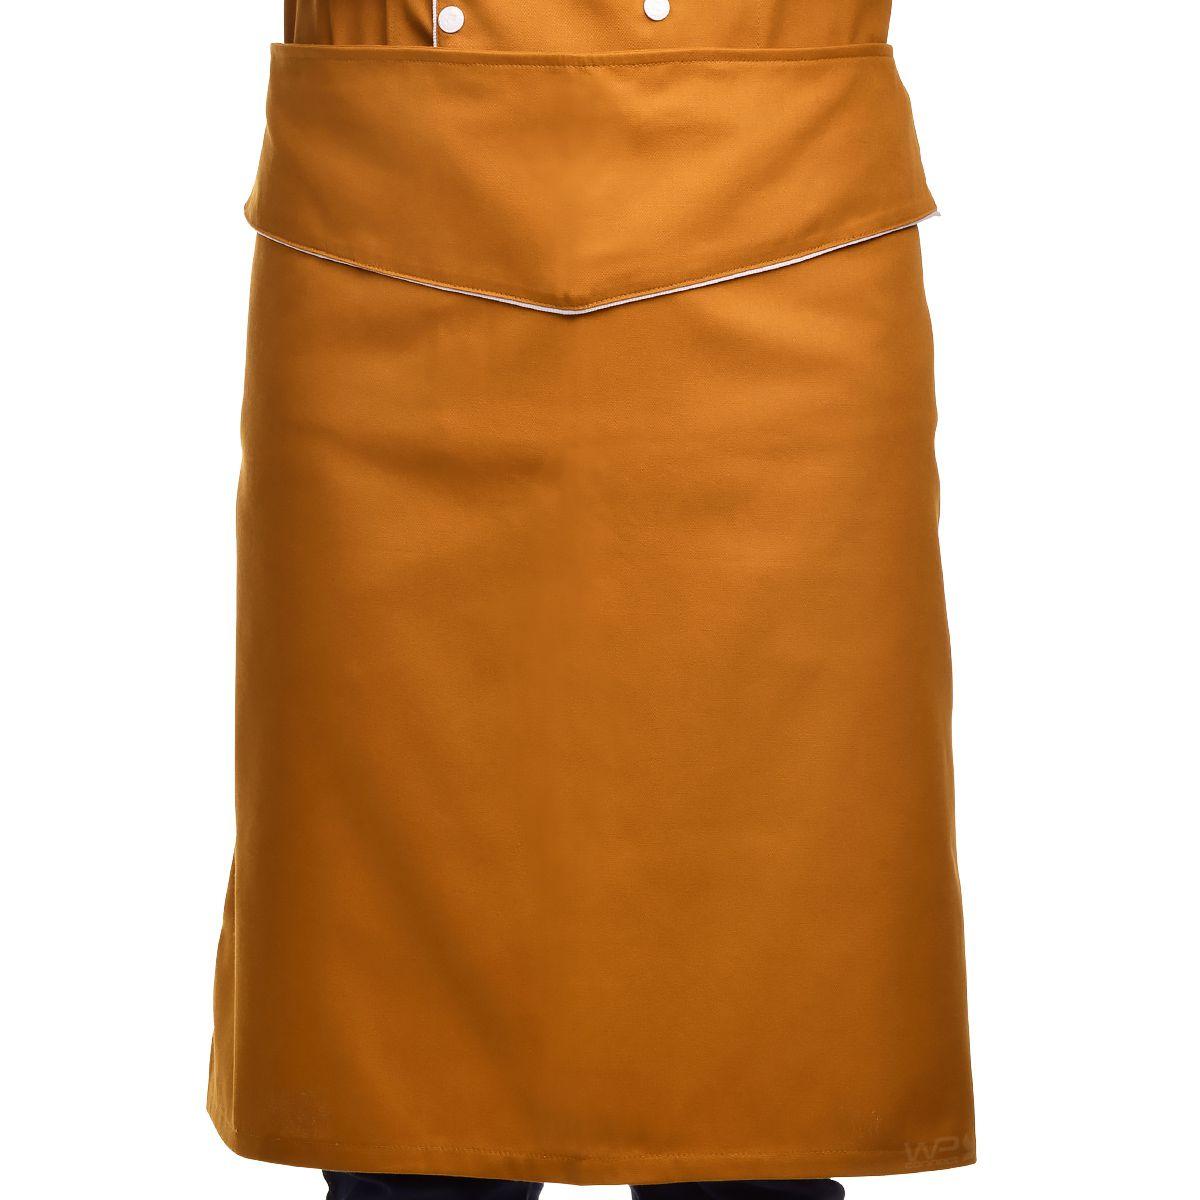 Avental de Cintura Chef de Cozinha Terracota